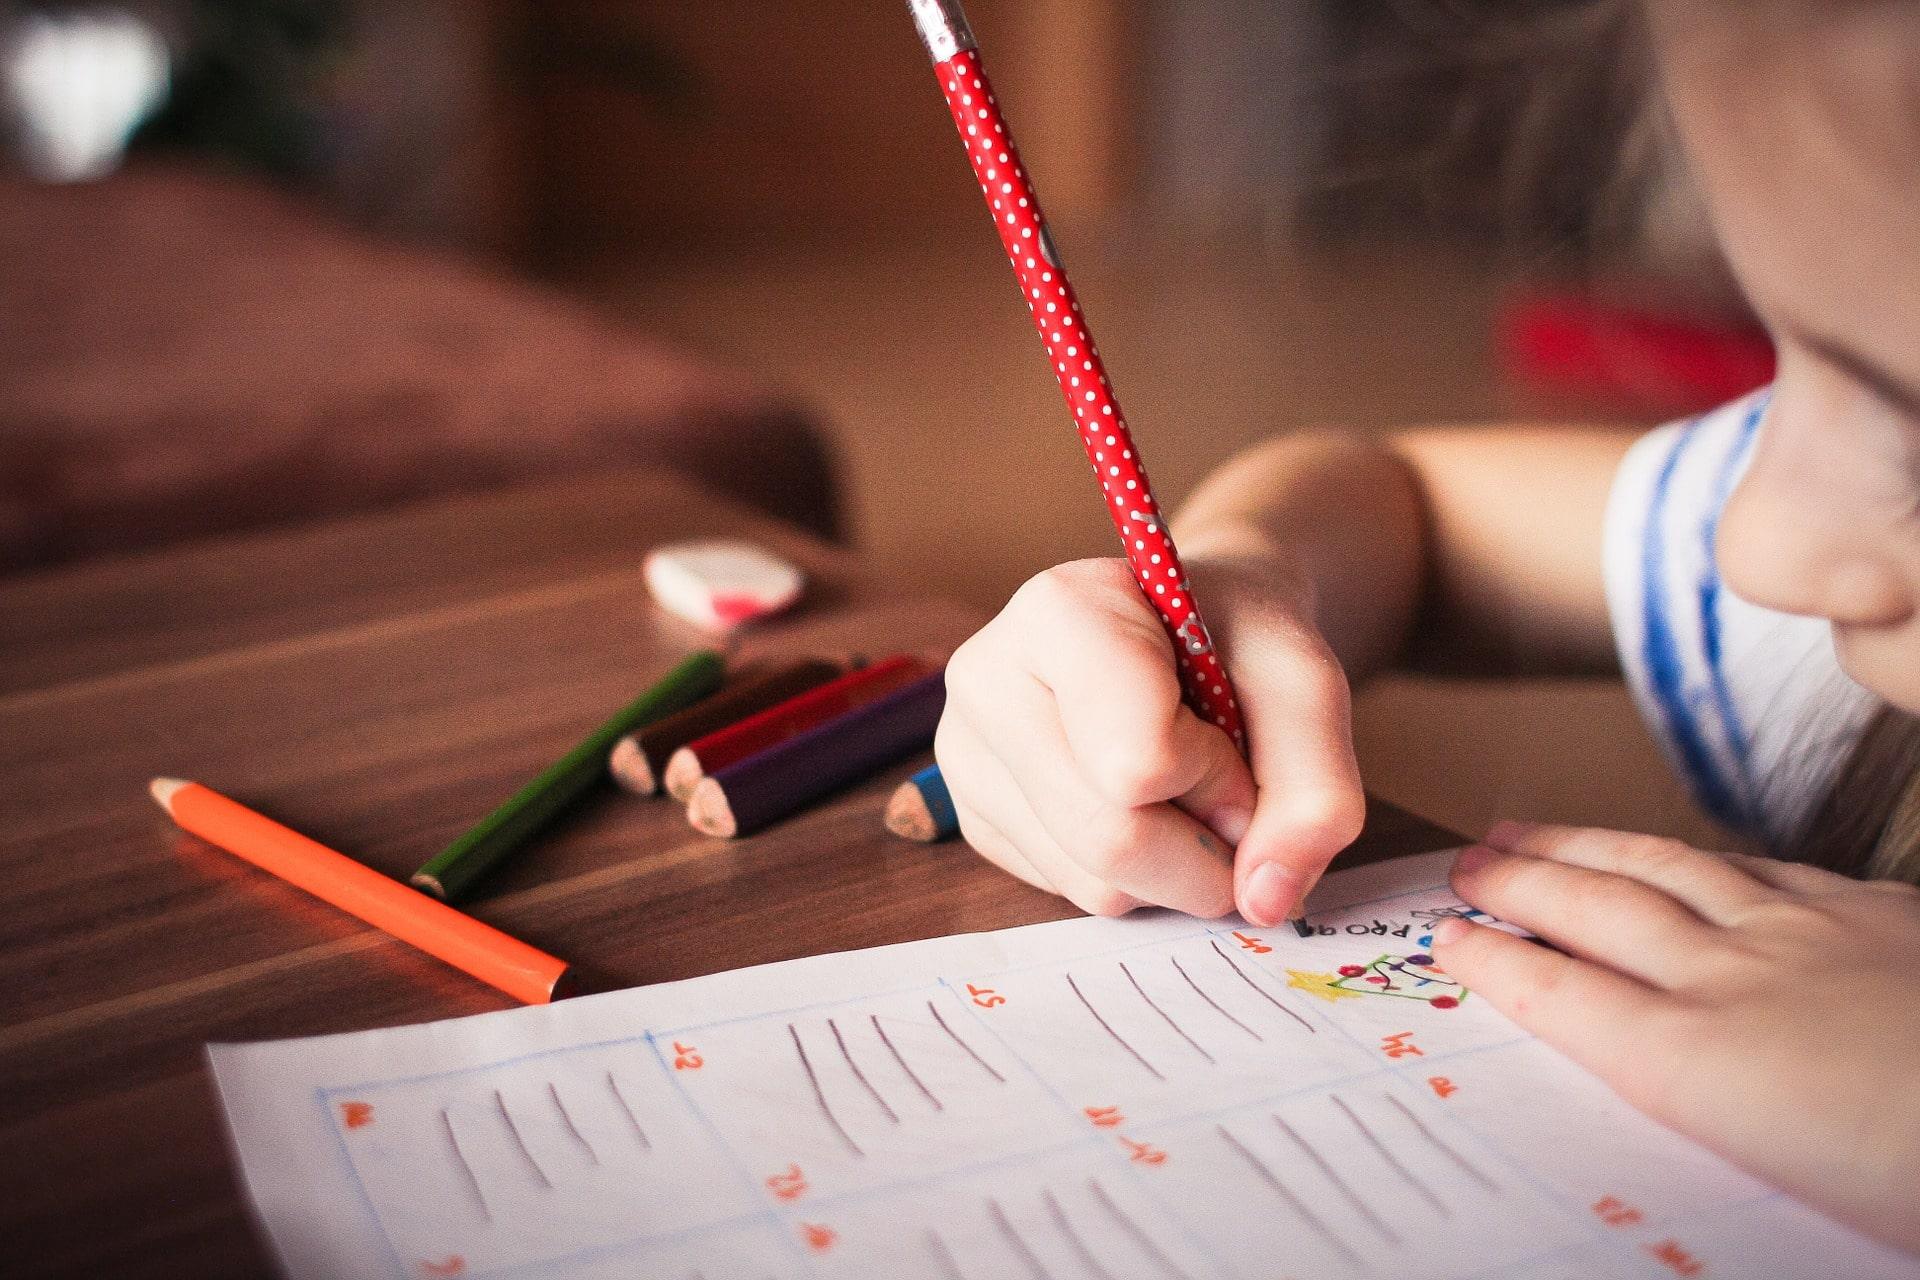 Kind schreibt in Heft - Begabungsdiagnostik in angenehmem Umfeld